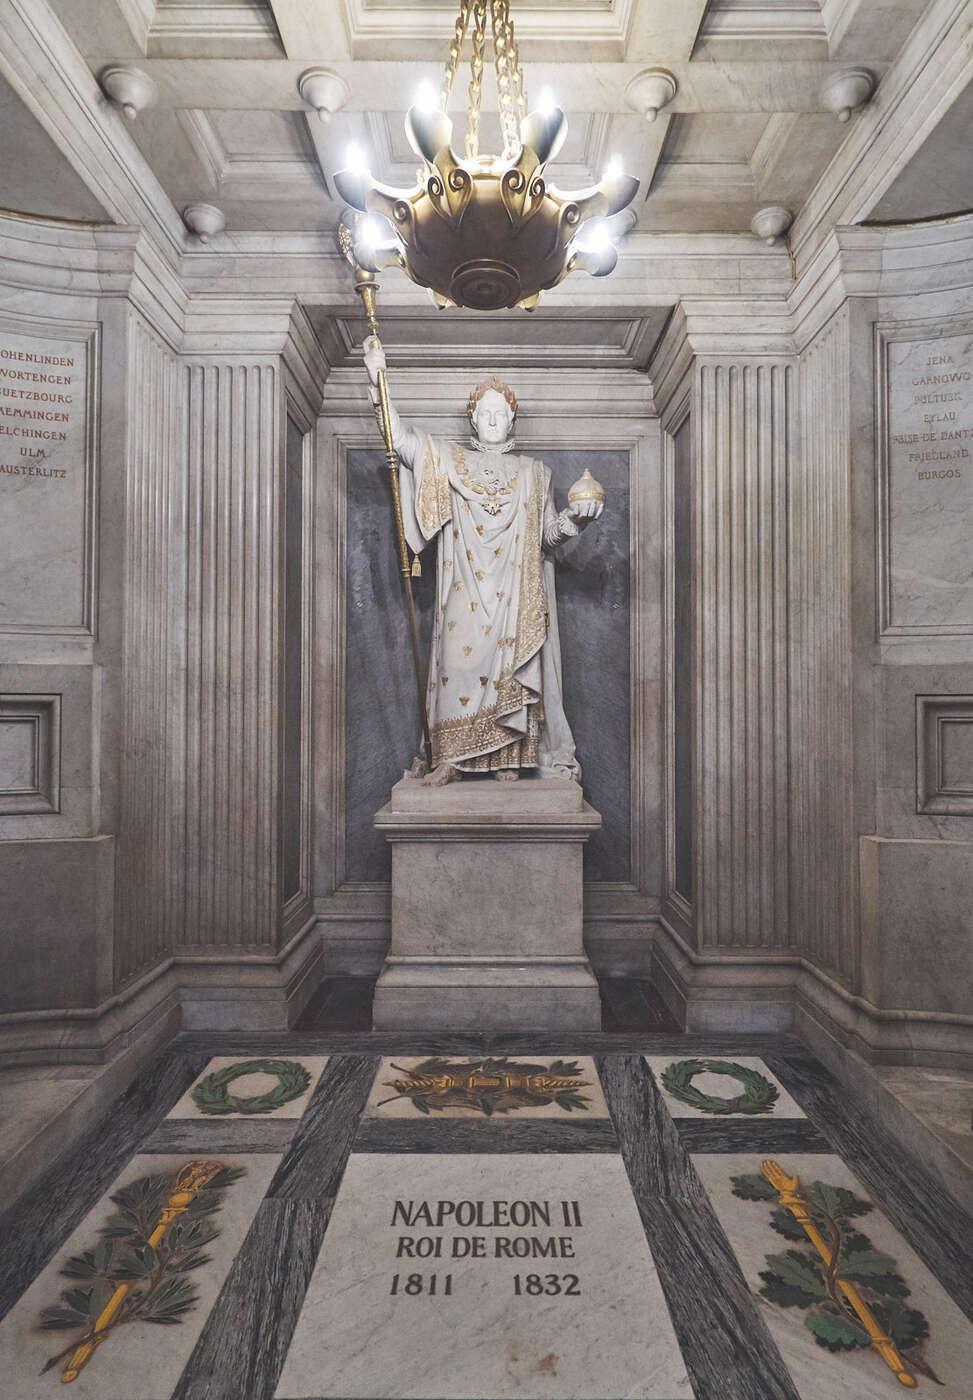 Tombe de Napoléon II, Roi de Rome